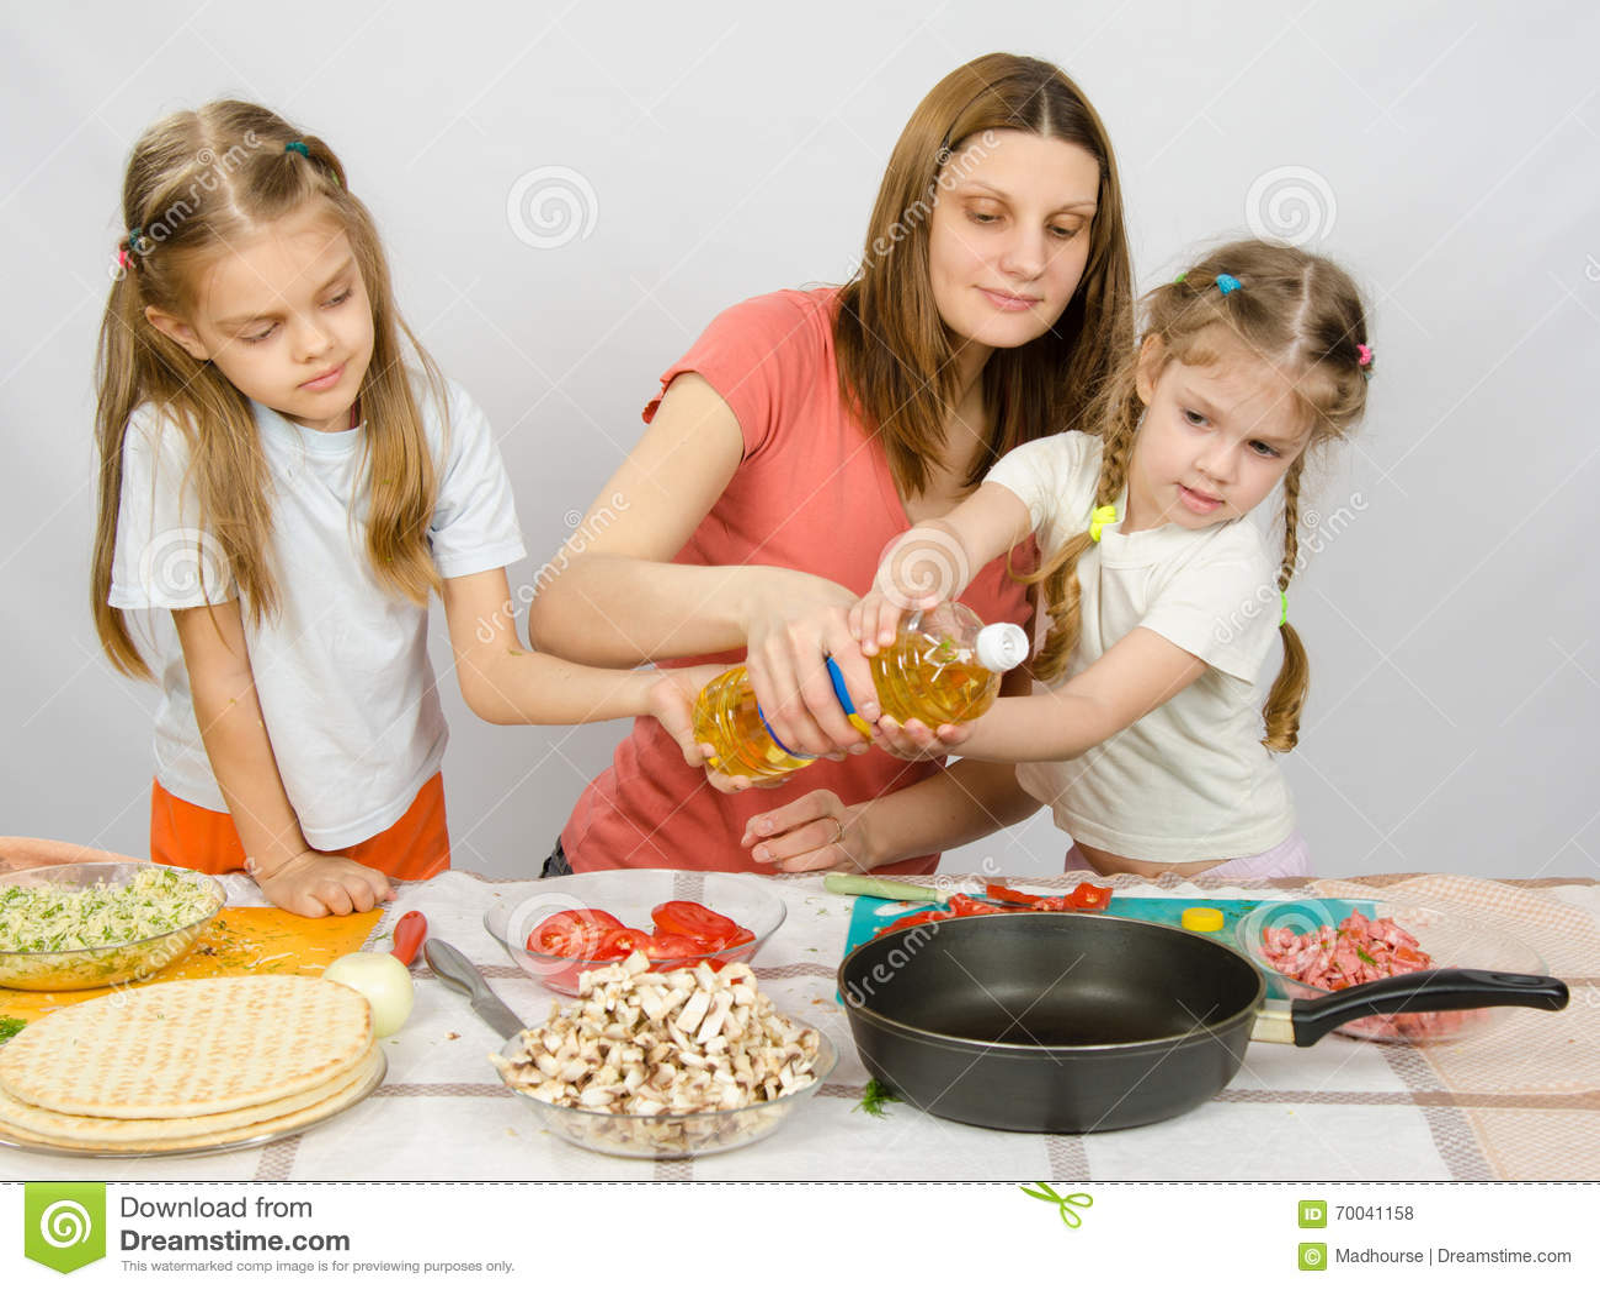 deux petites filles  u00e0 la table de cuisine avec enthousiasme pour aider ma m u00e8re  u00e0 verser l u0026 39 huile